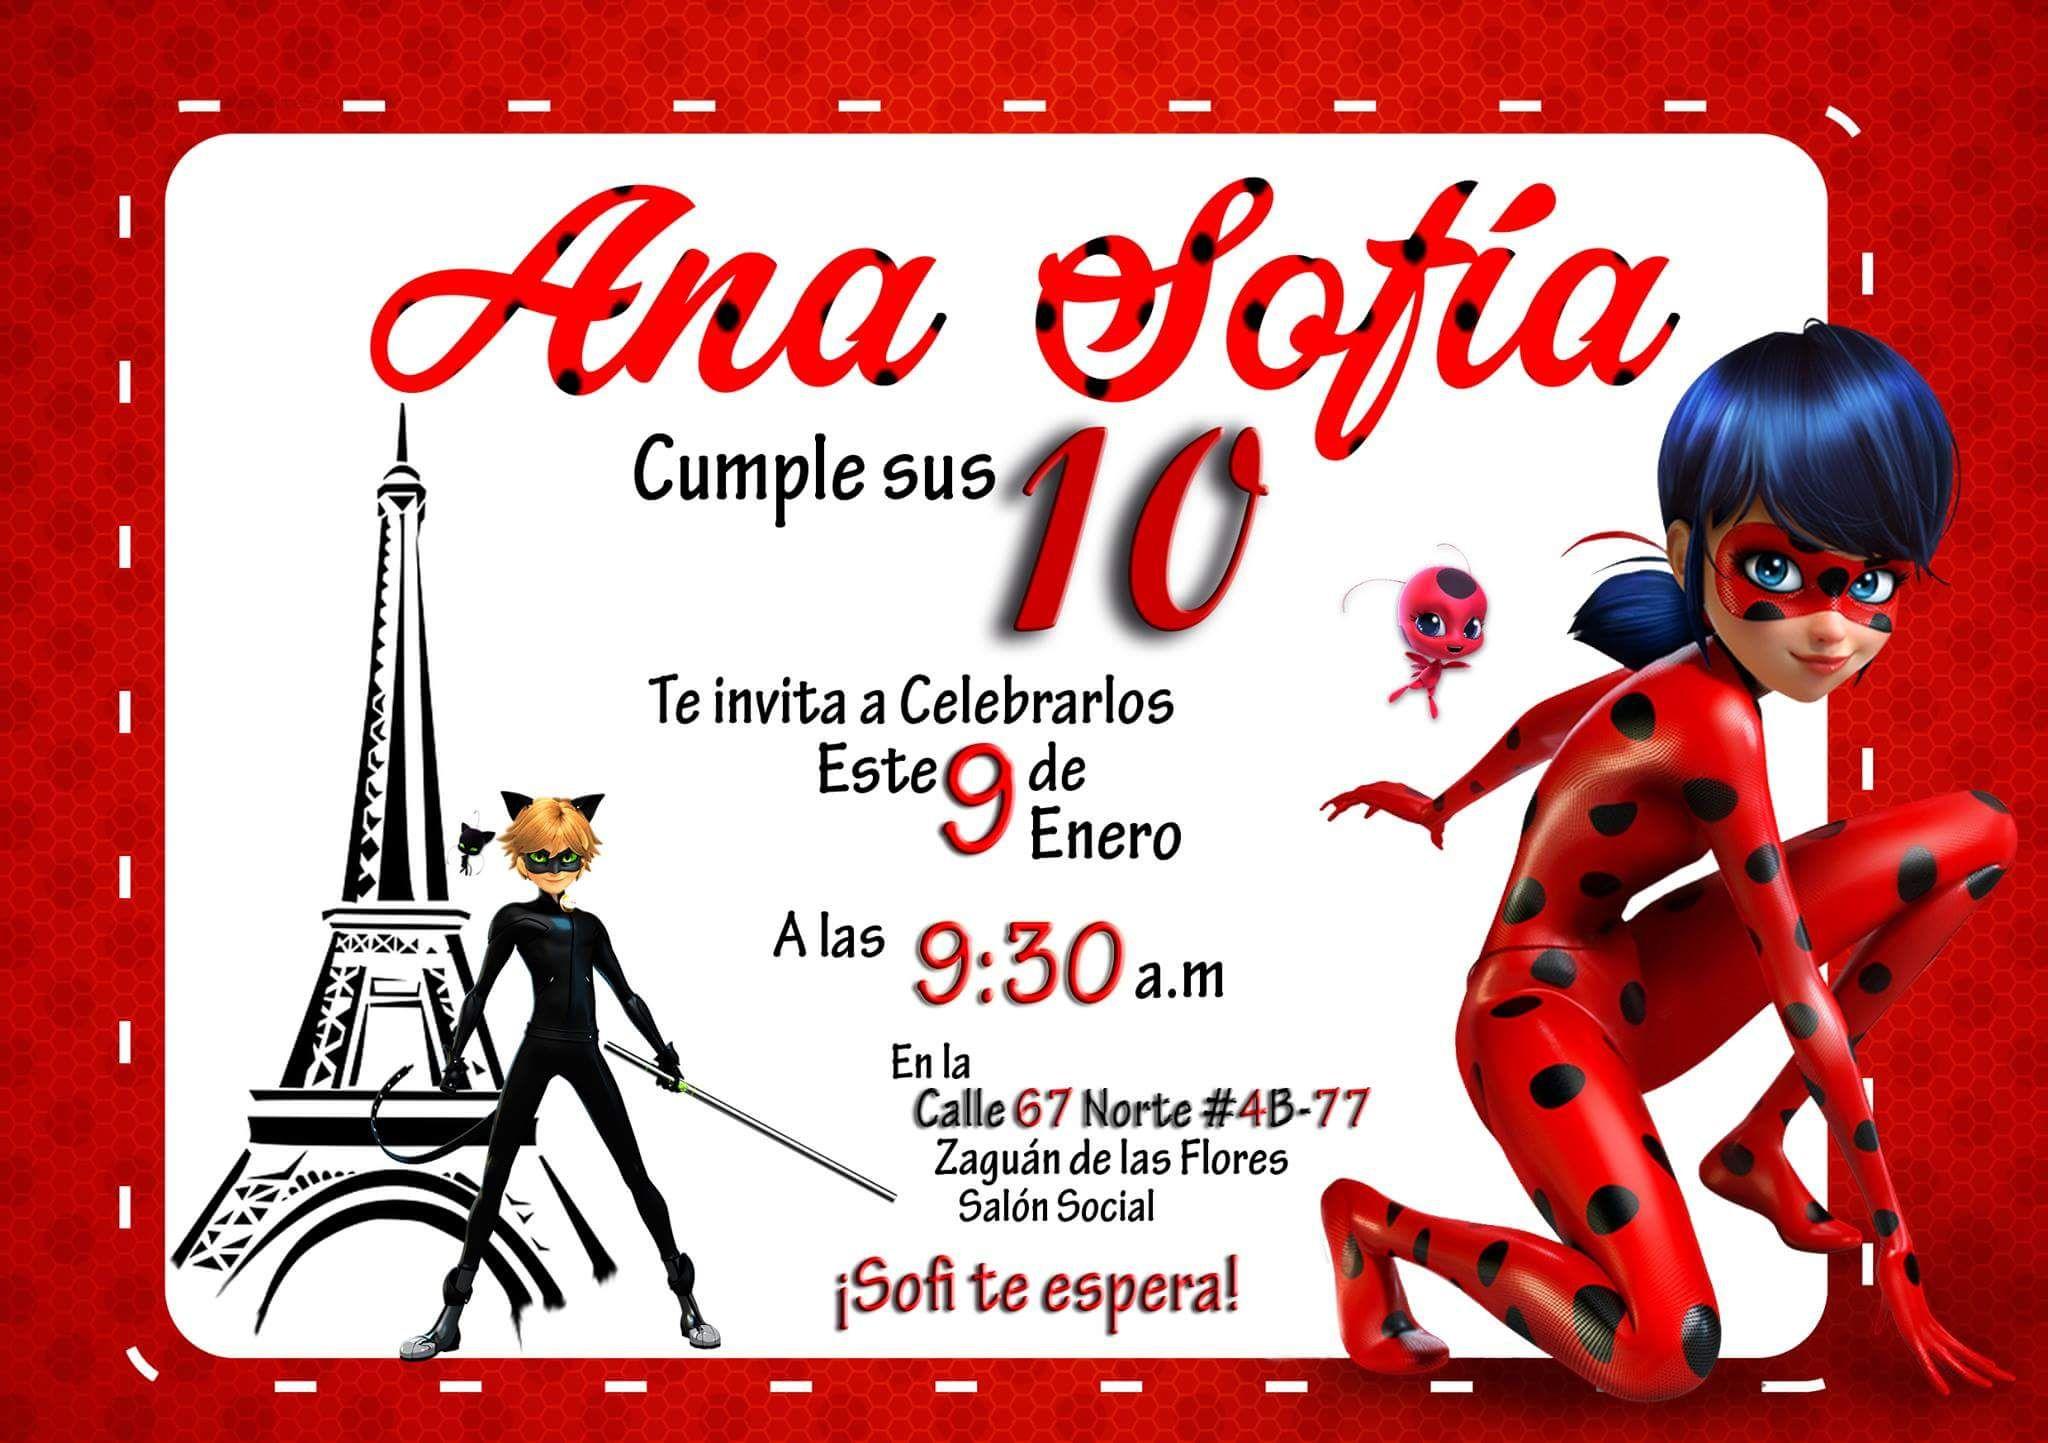 Invitación Miraculous Prodigious LadyBug Party